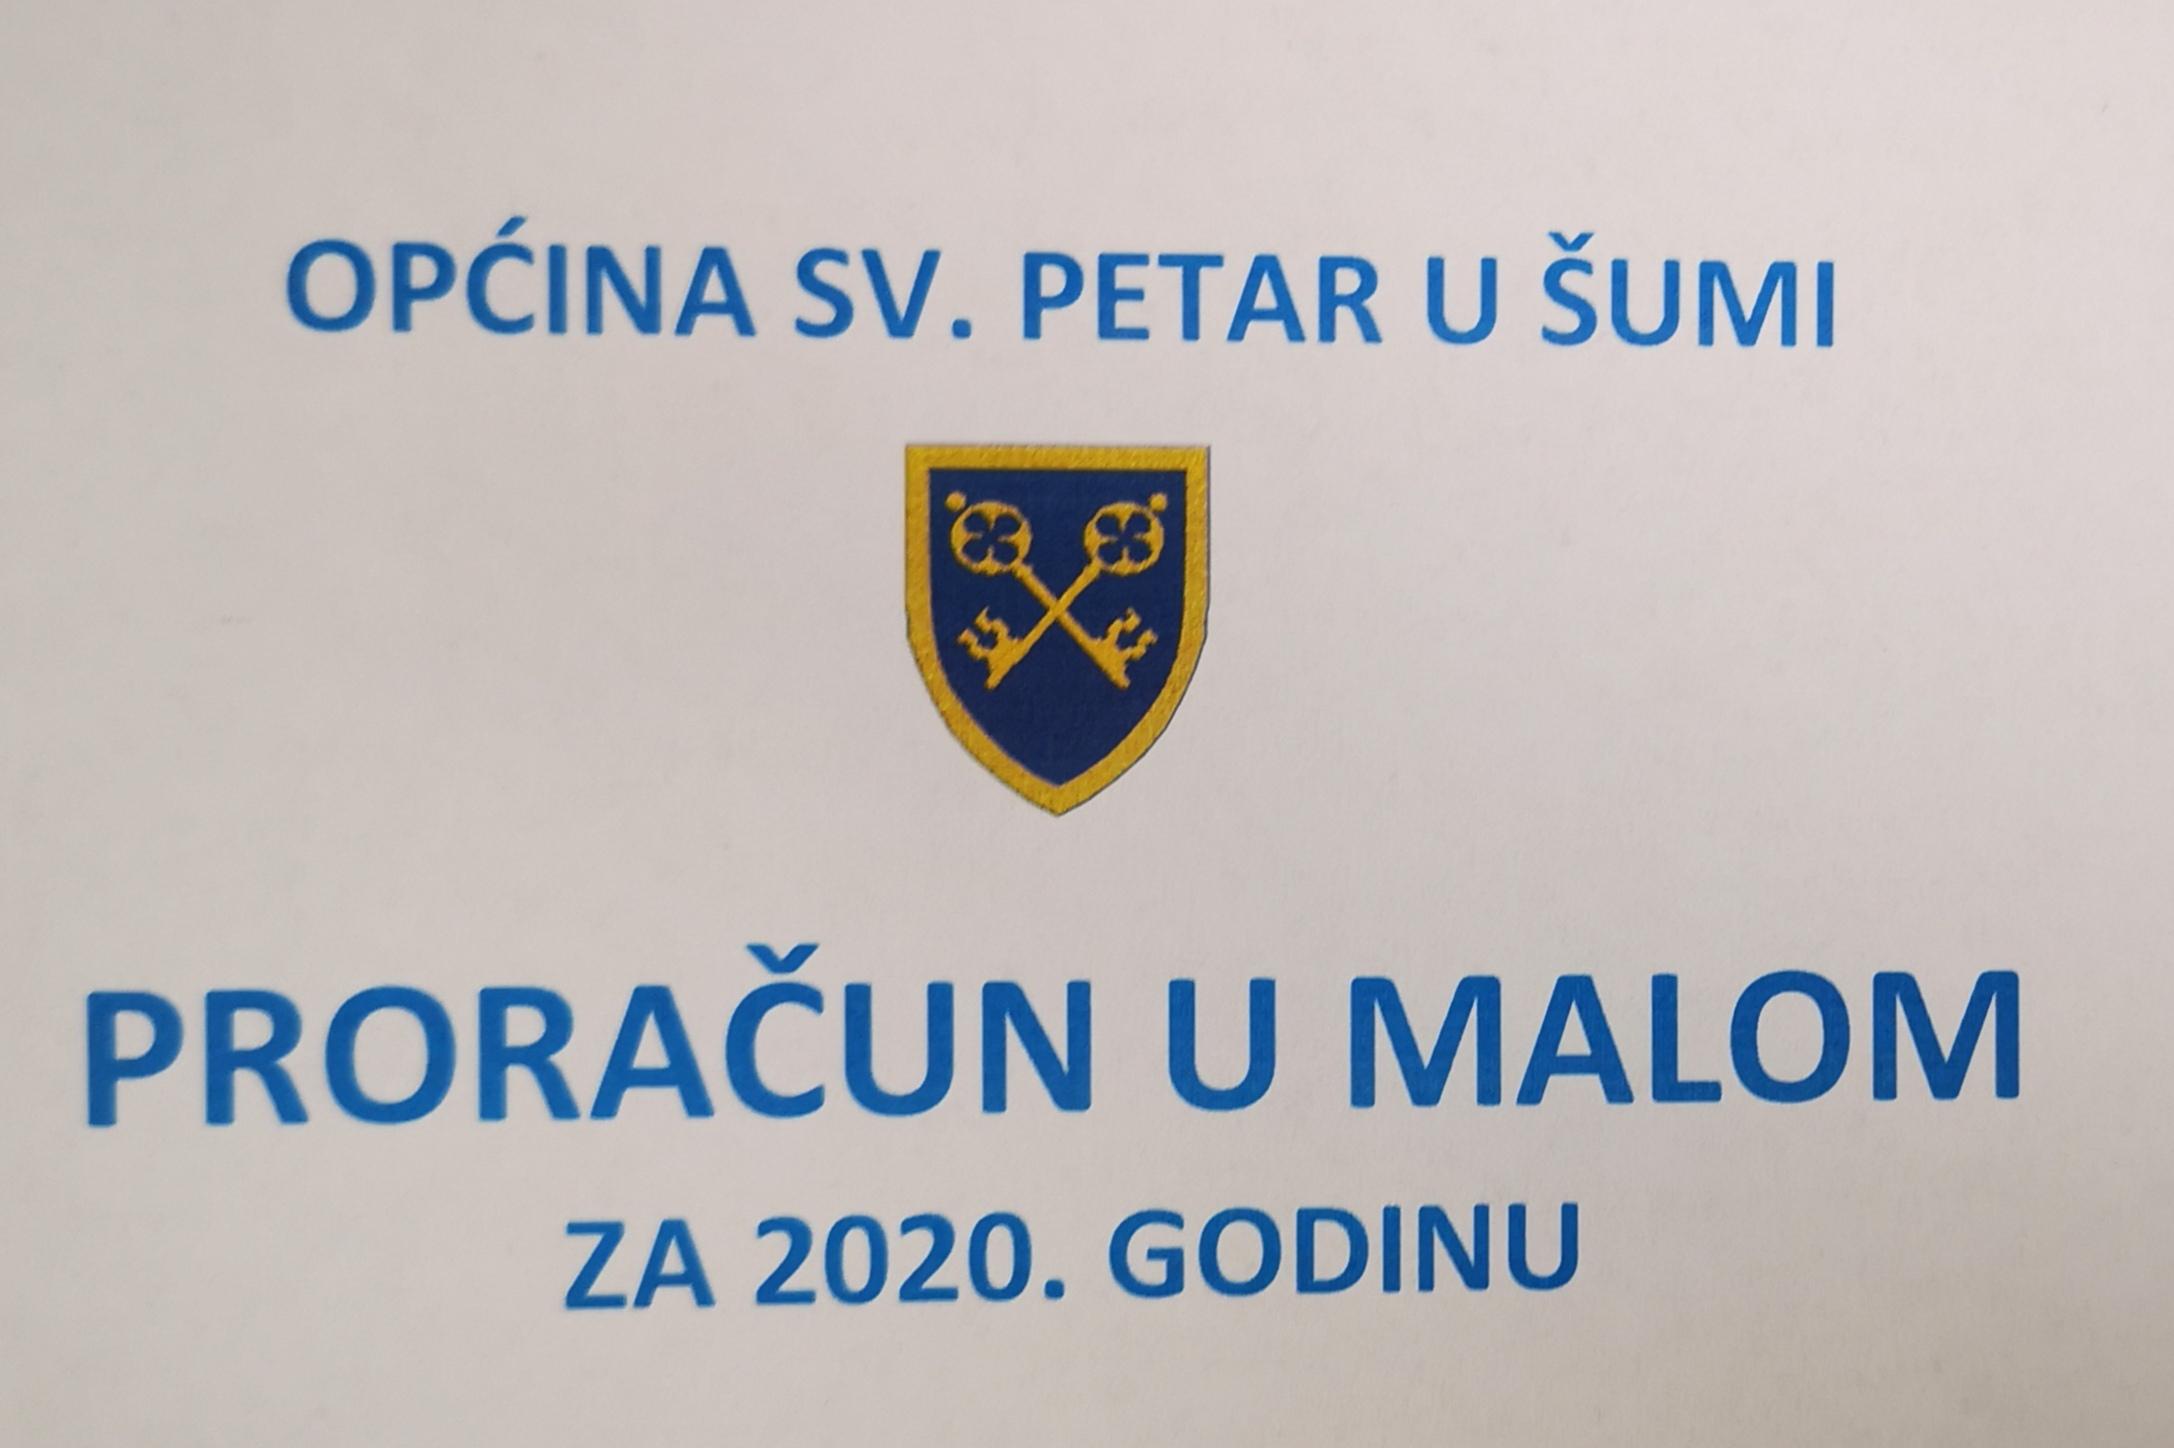 PRORAČUN U MALOM ZA 2020.